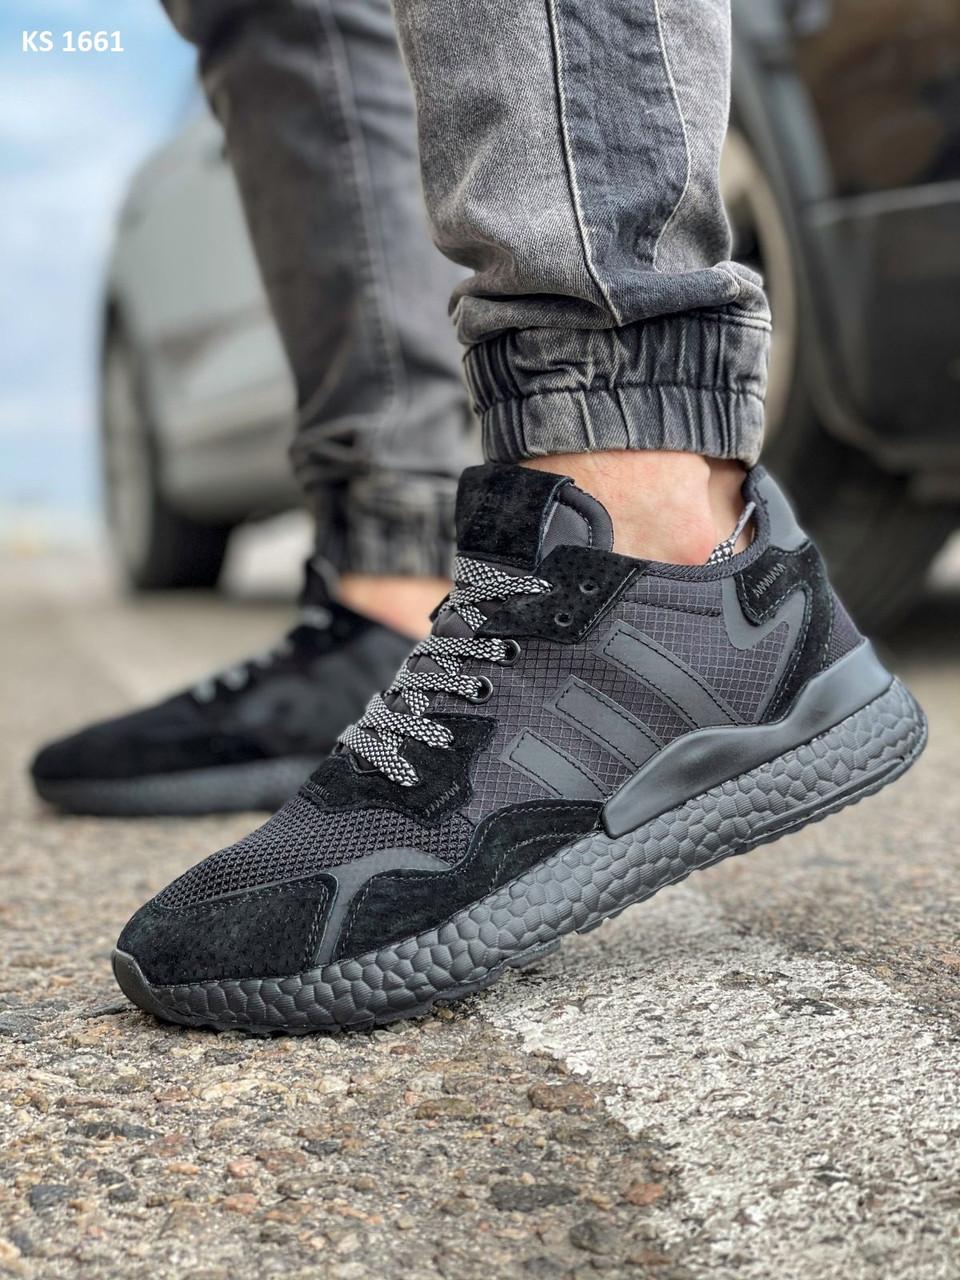 Кроссовки мужские Adidas Nite Jogger Boost текстильные черные Рефлектив Адидас (Топ реплика ААА+)